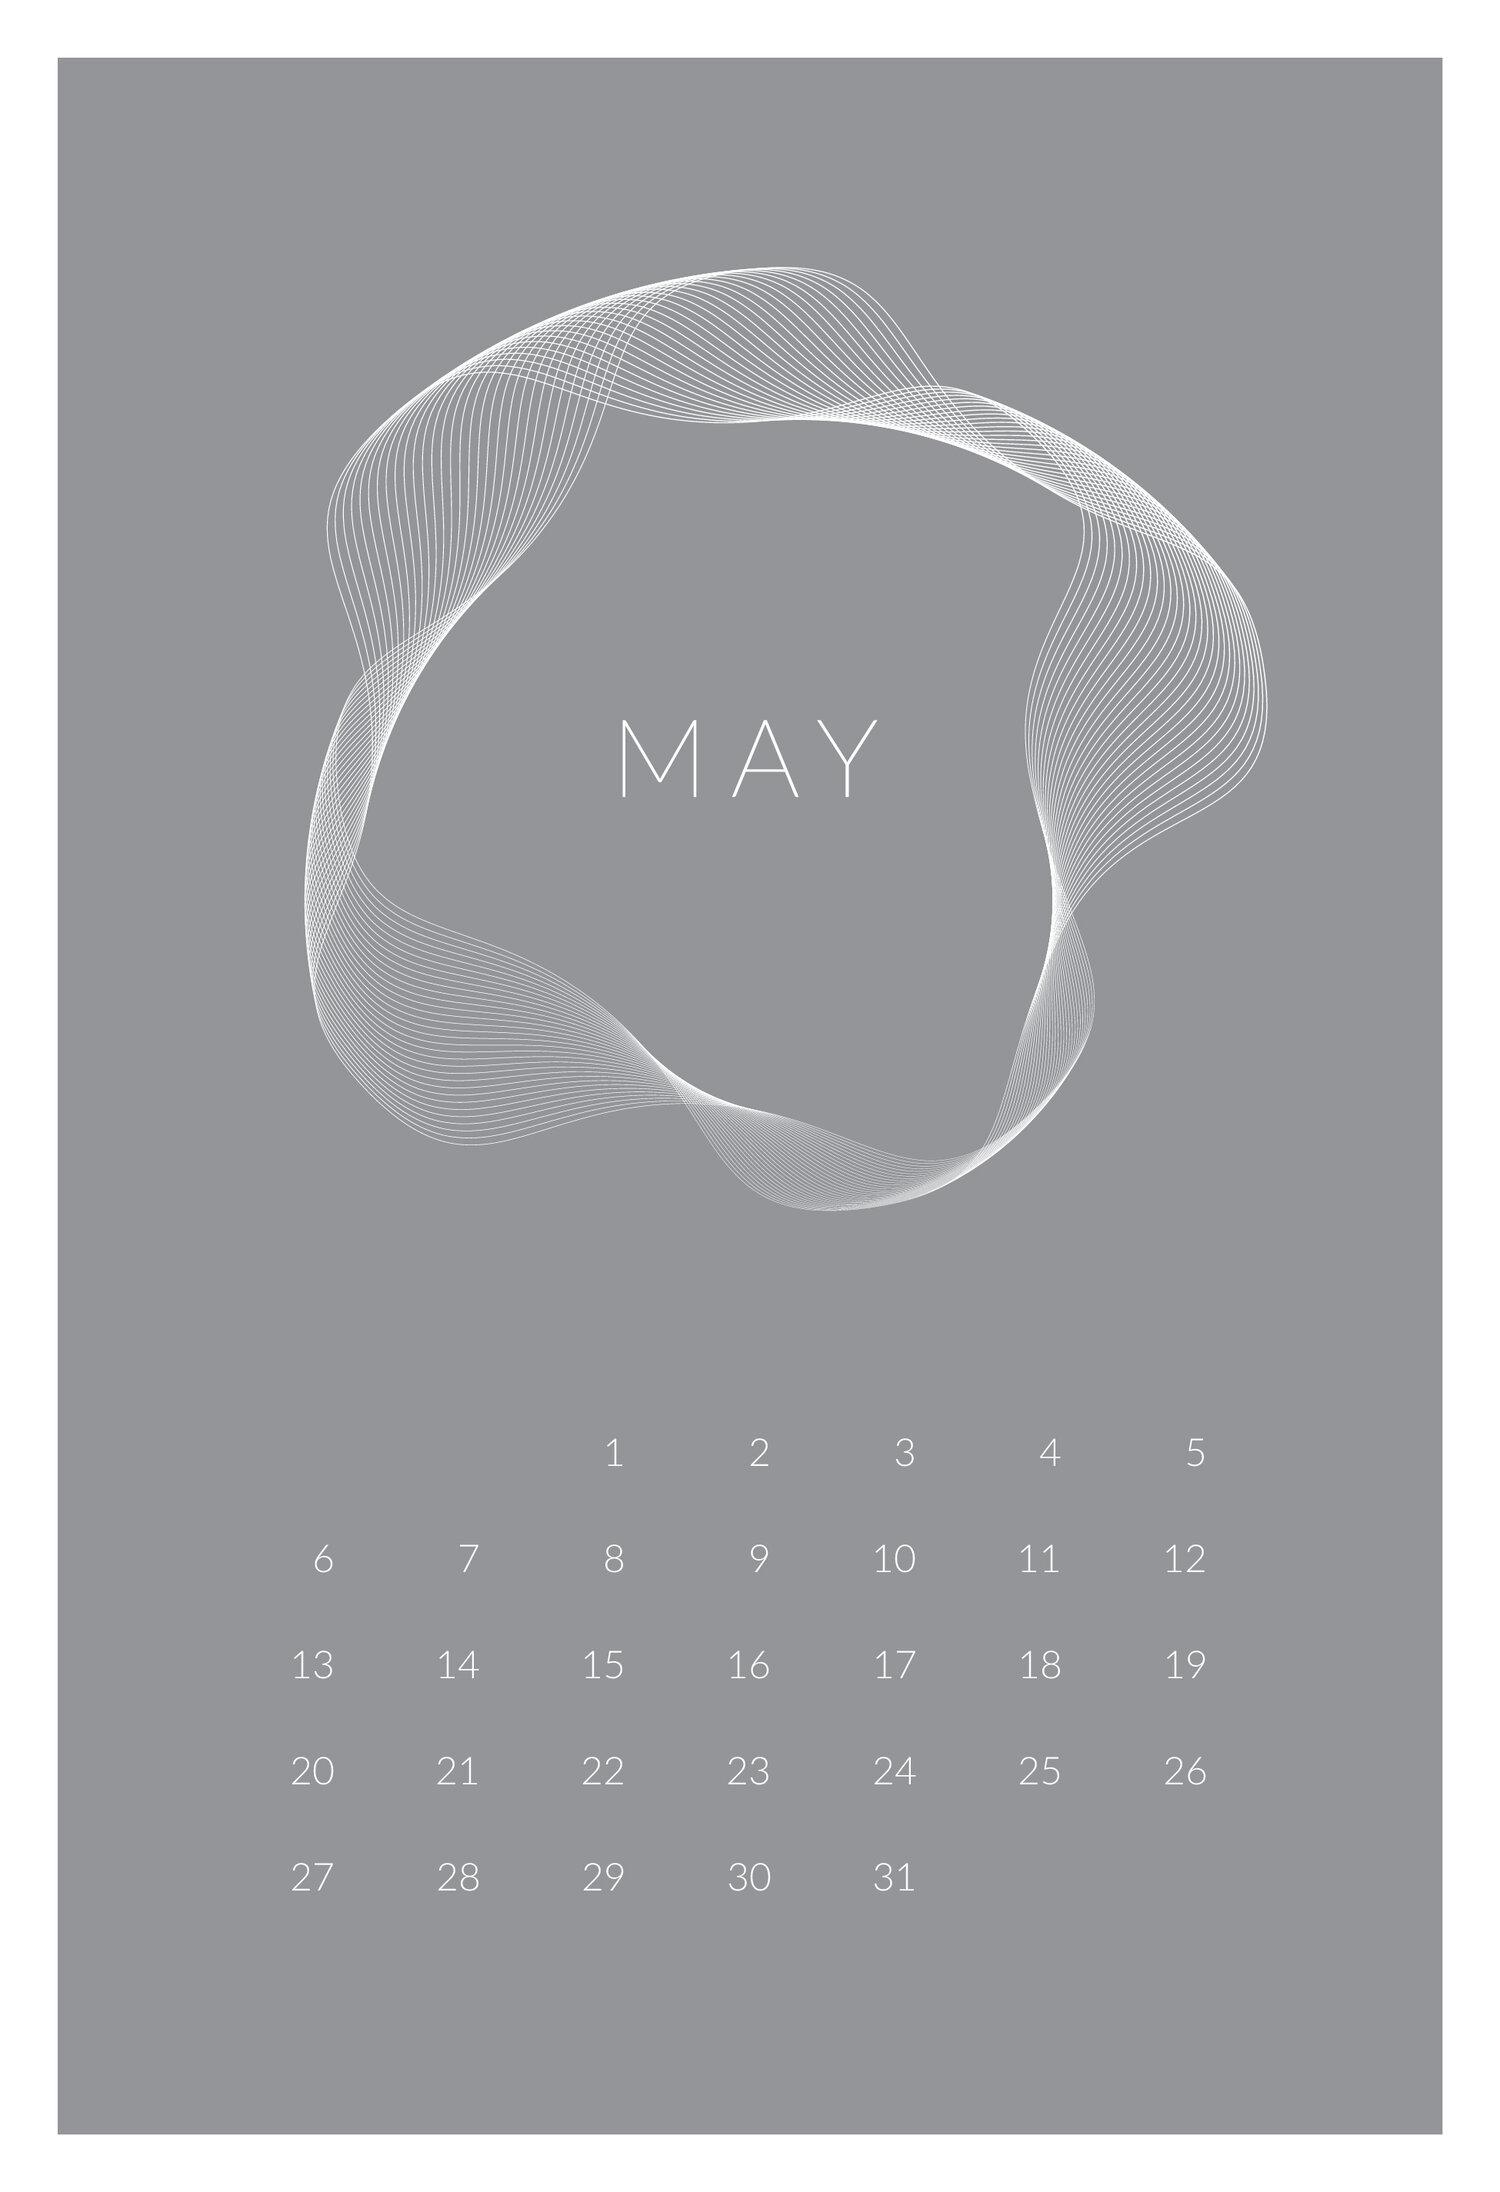 Henrik_Calendar-05.jpg